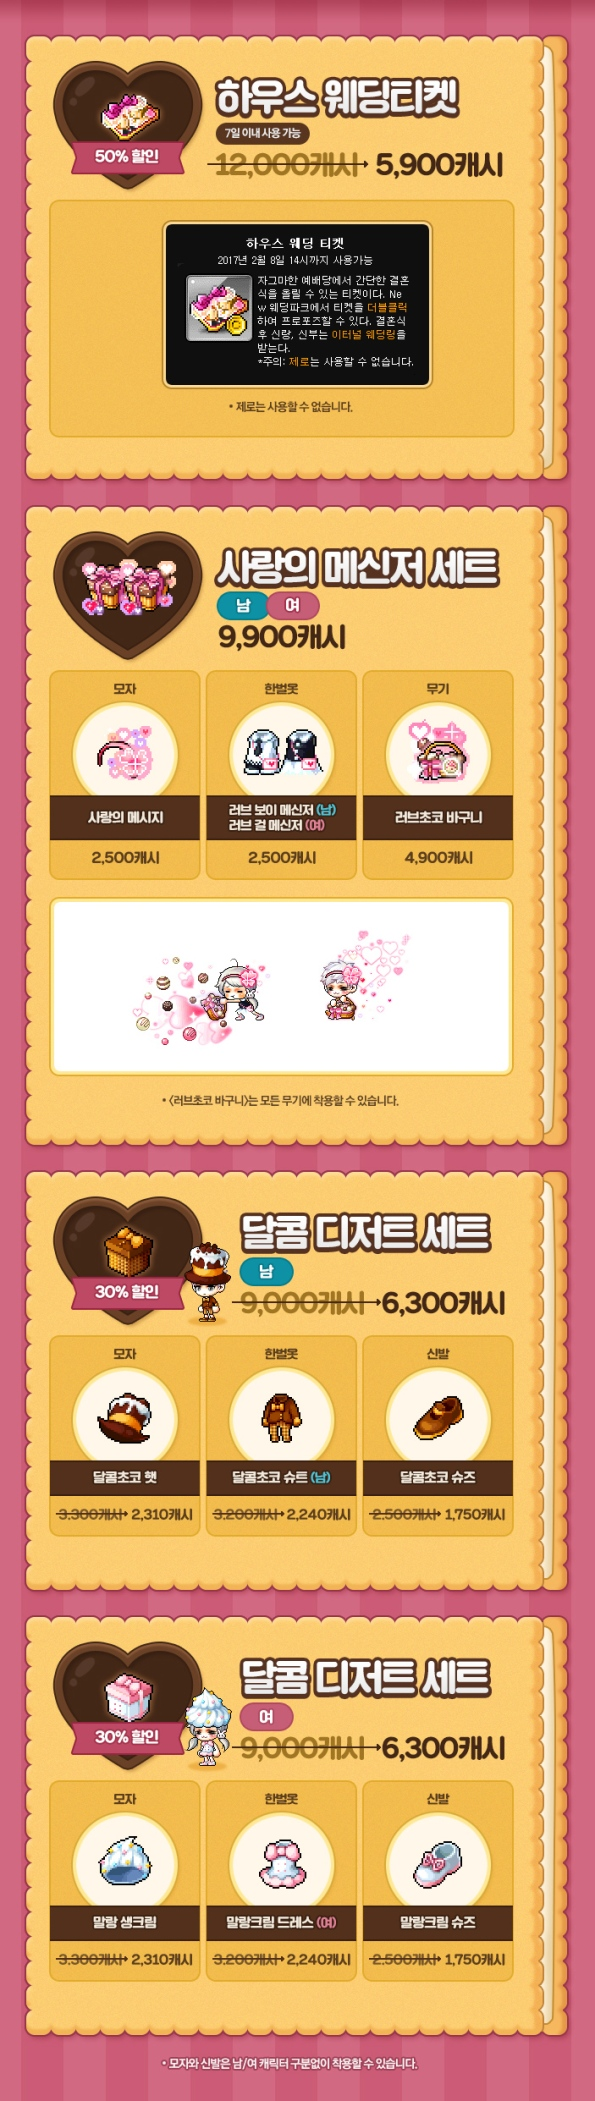 Wedding Ticket and Valentine Sets.jpg